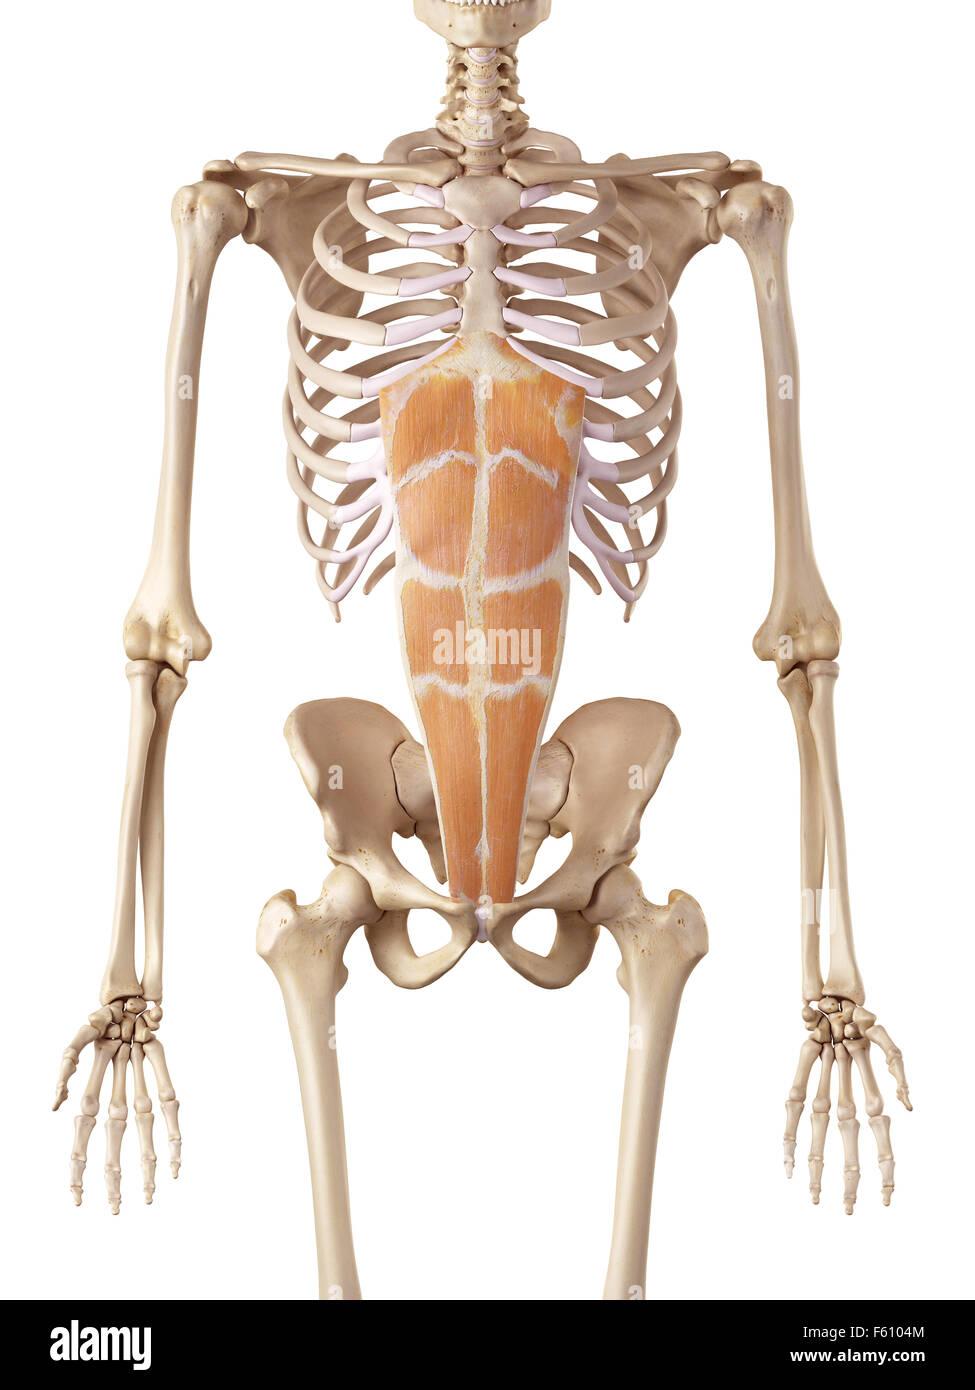 Berühmt Rektusabdominis Galerie - Menschliche Anatomie Bilder ...